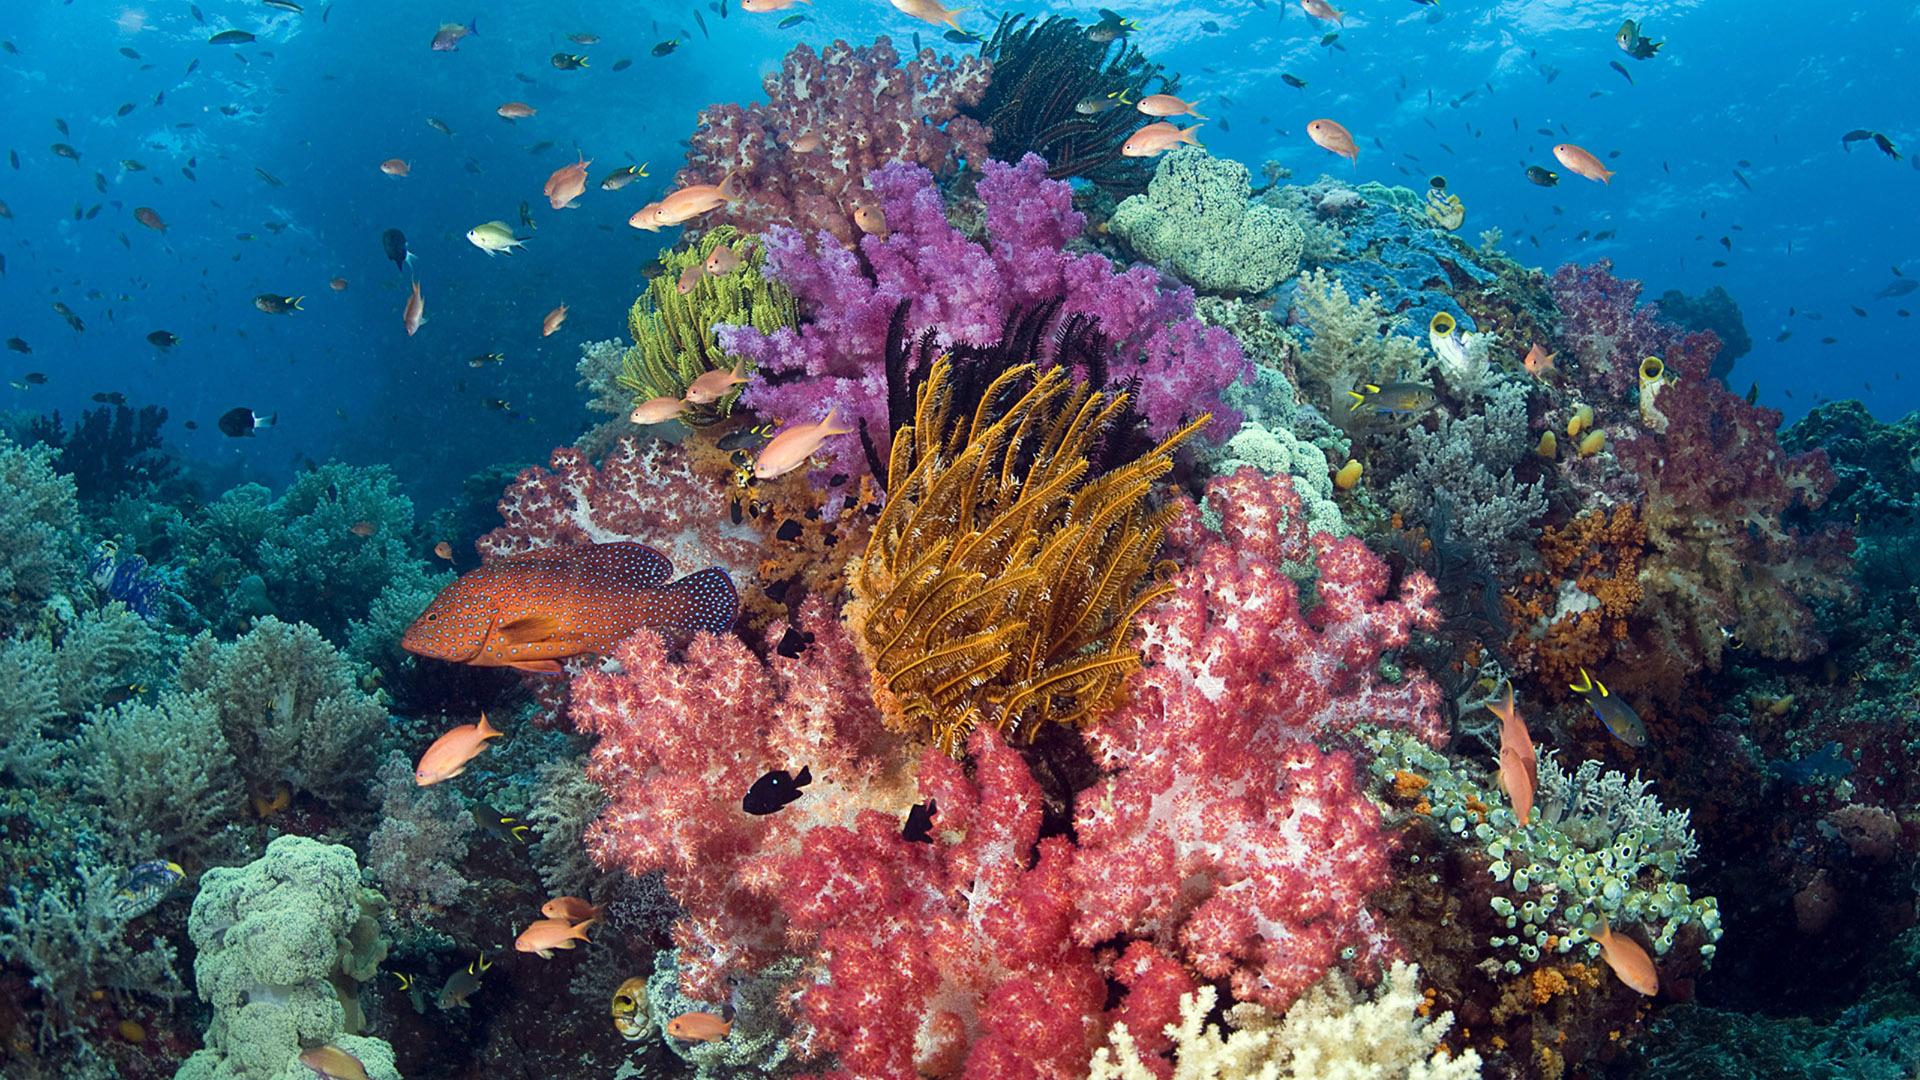 Belleza Marina Los Mejores Arrecifes De Coral En El Mundo Conocedores Com